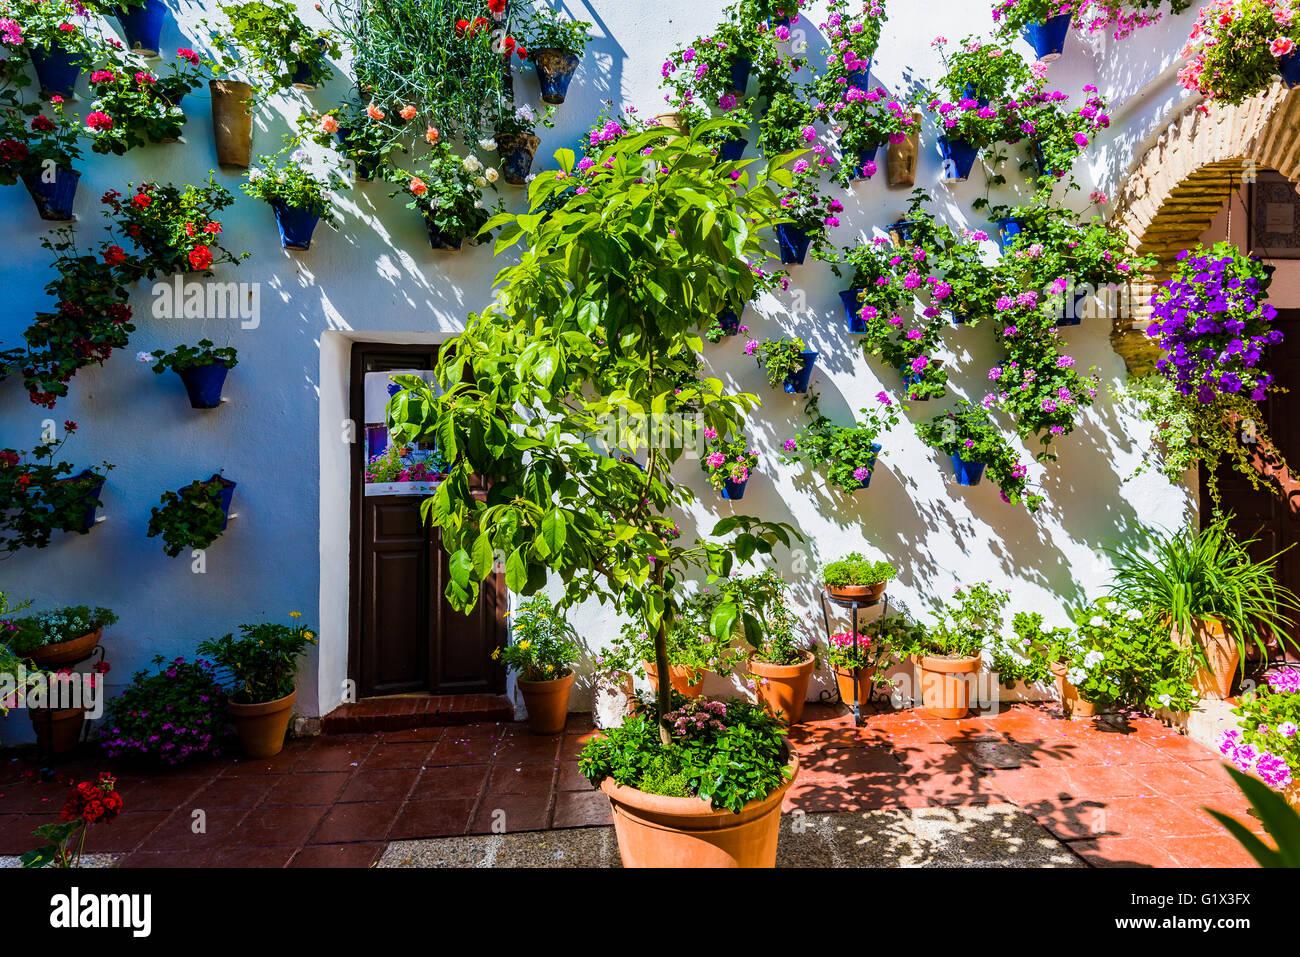 Courtyards Festival of Cordoba 2016 - La Fiesta de los Patios de Córdoba. - Stock Image